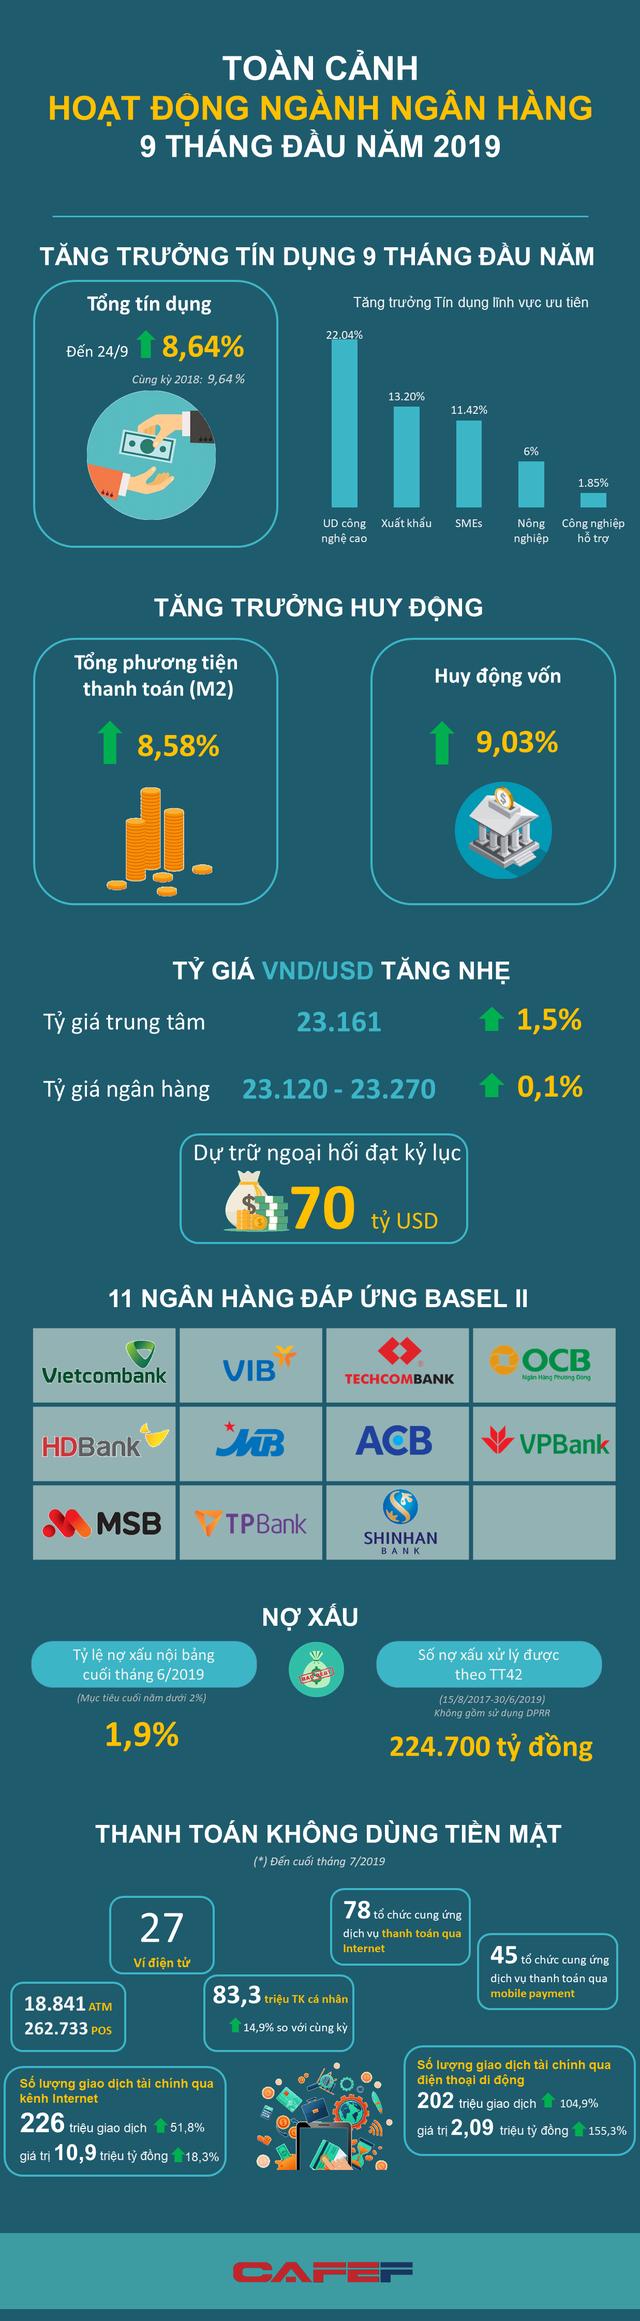 [Infographic] Toàn cảnh hoạt động ngành ngân hàng 9 tháng đầu năm 2019 - Ảnh 1.